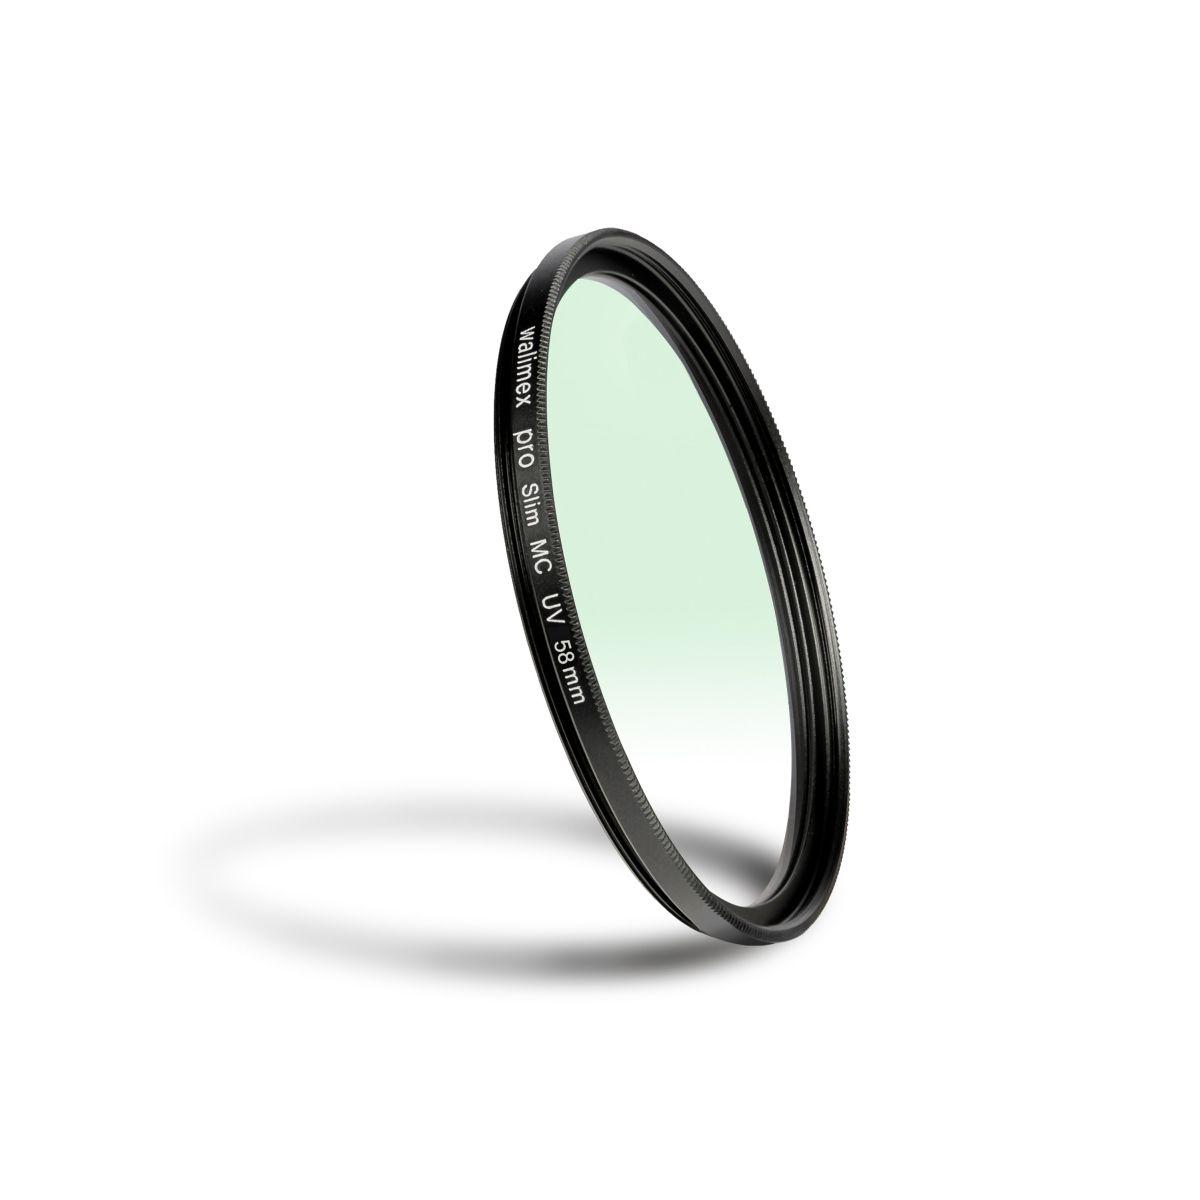 Walimex pro Slim MC UV Filter 58 mm